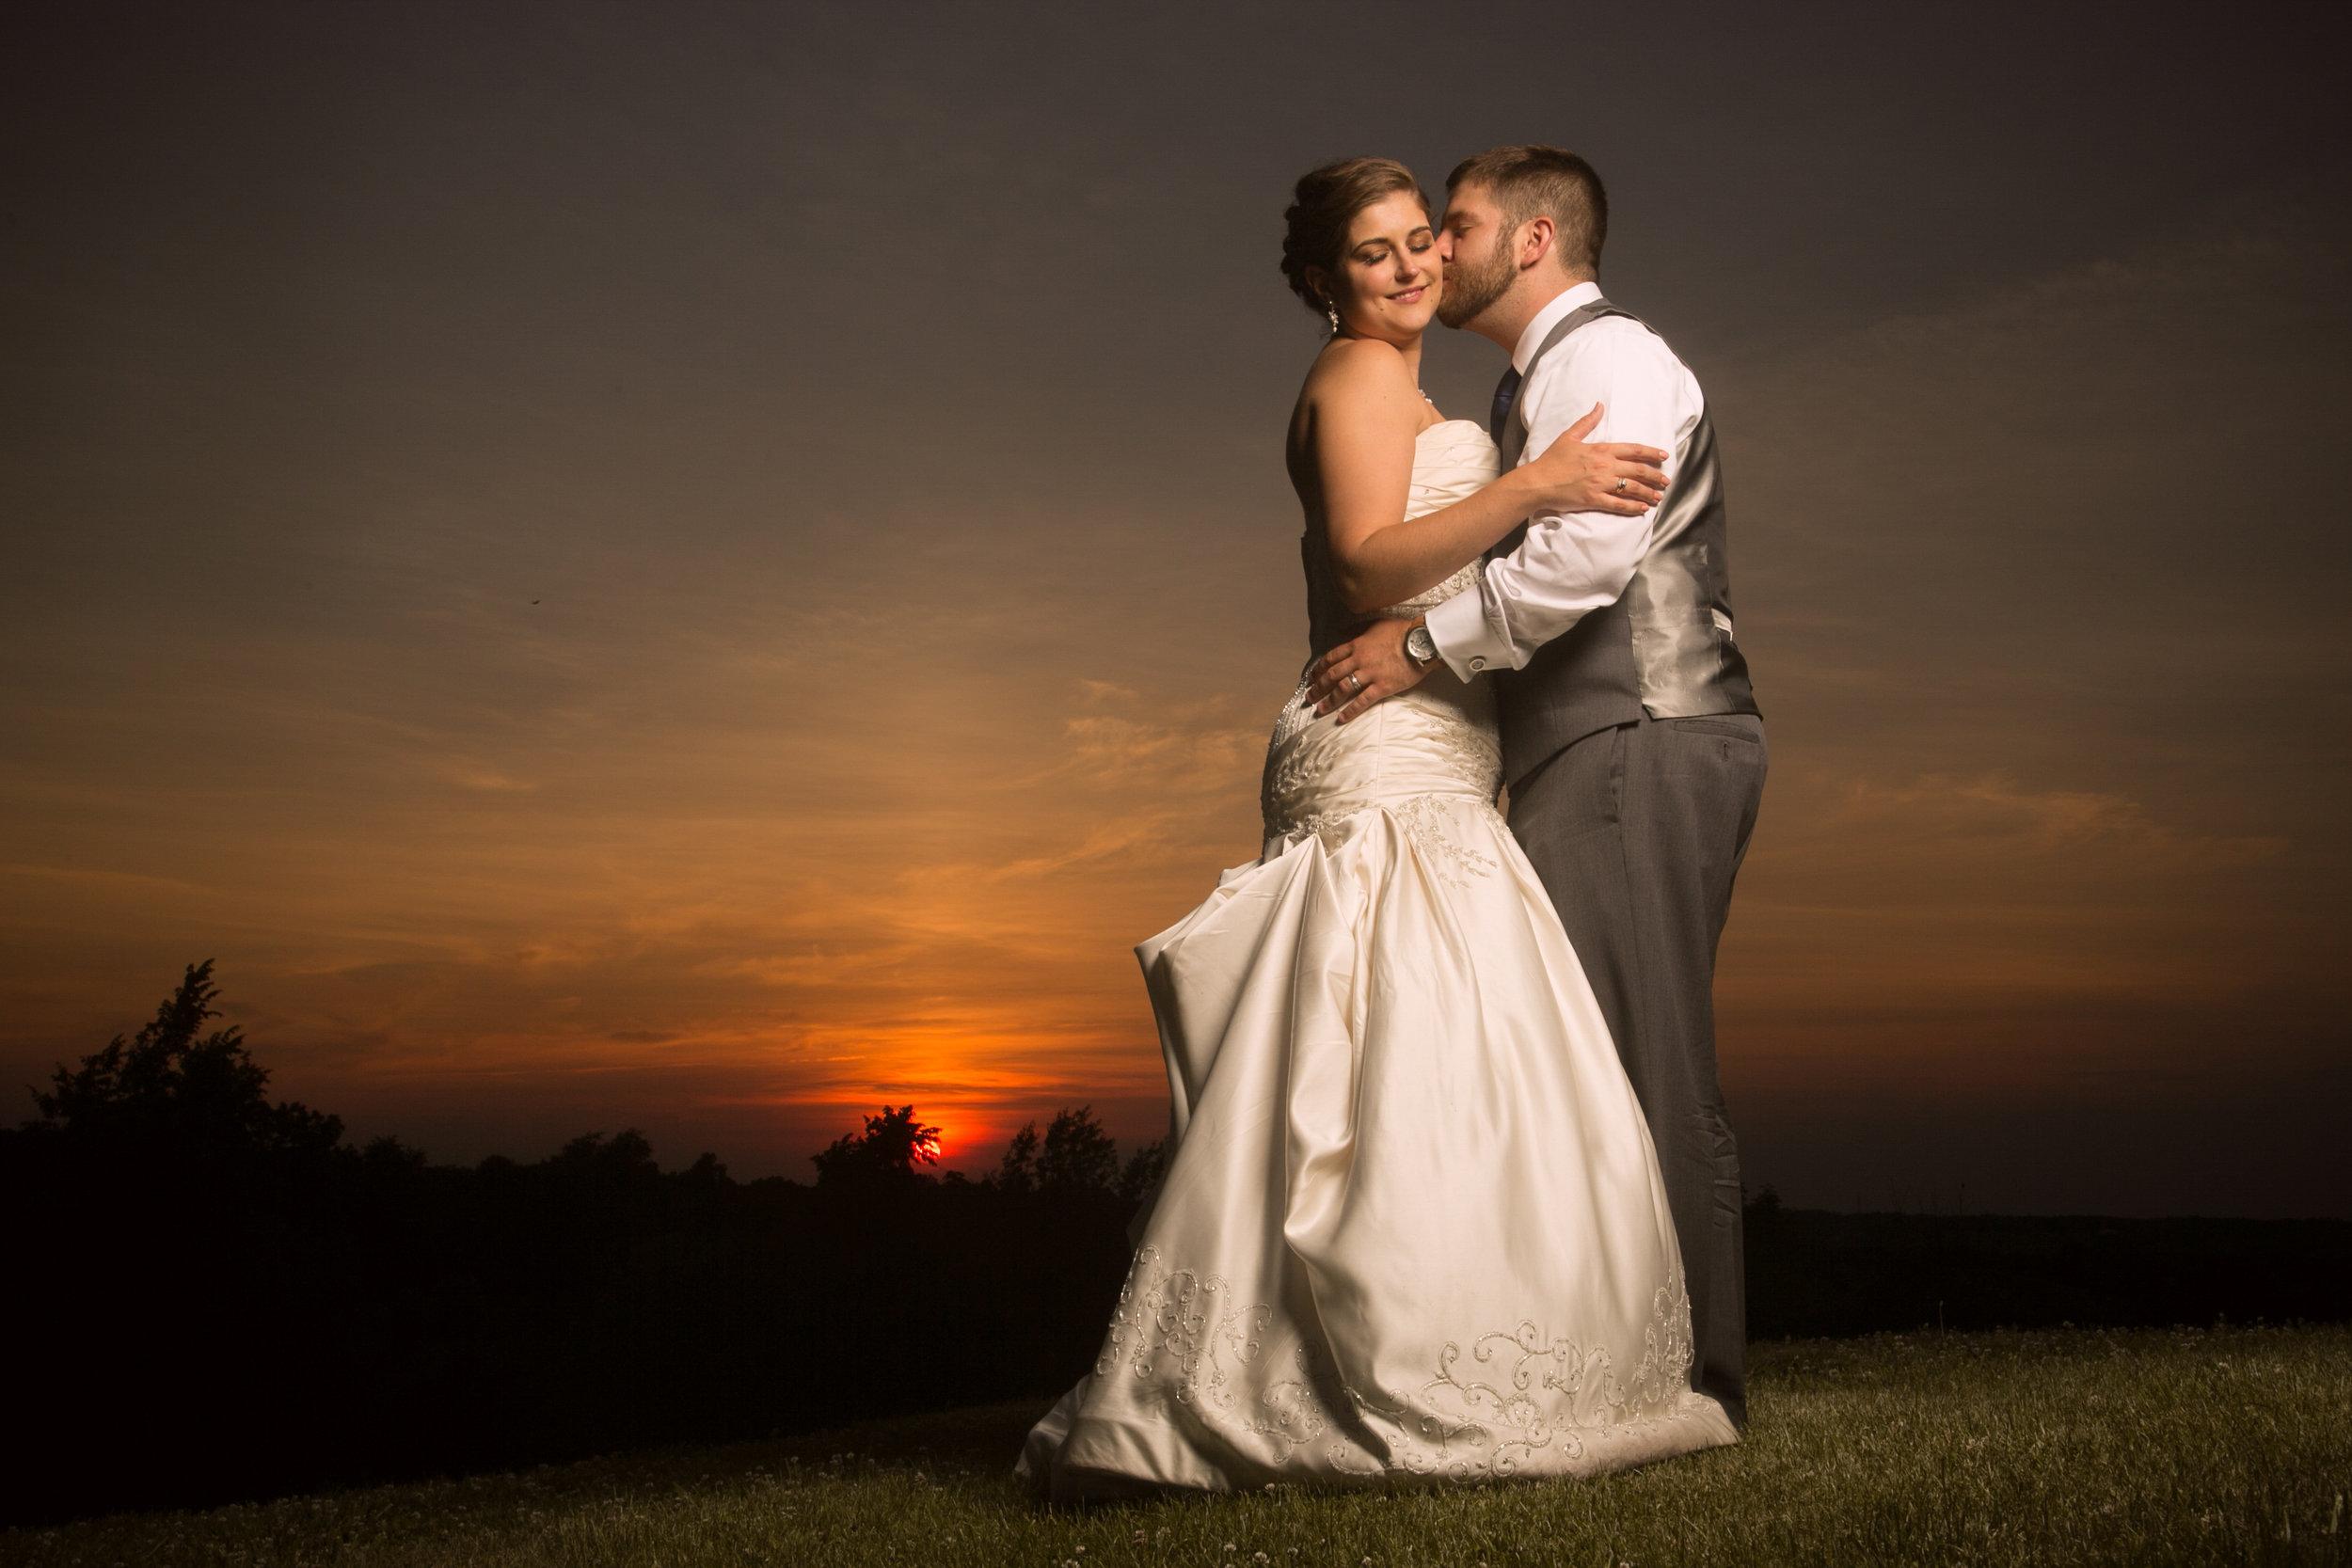 Dumm Wedding Portfolio-49.jpg